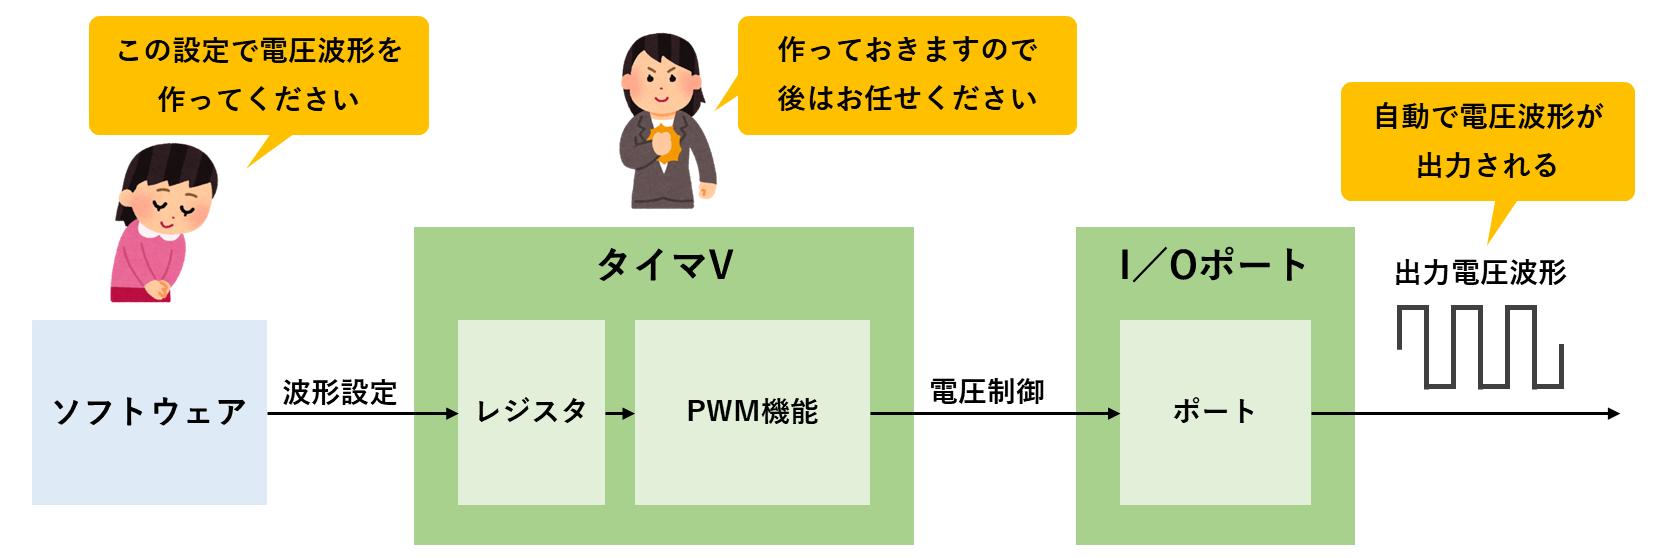 PWM機能の動作イメージ